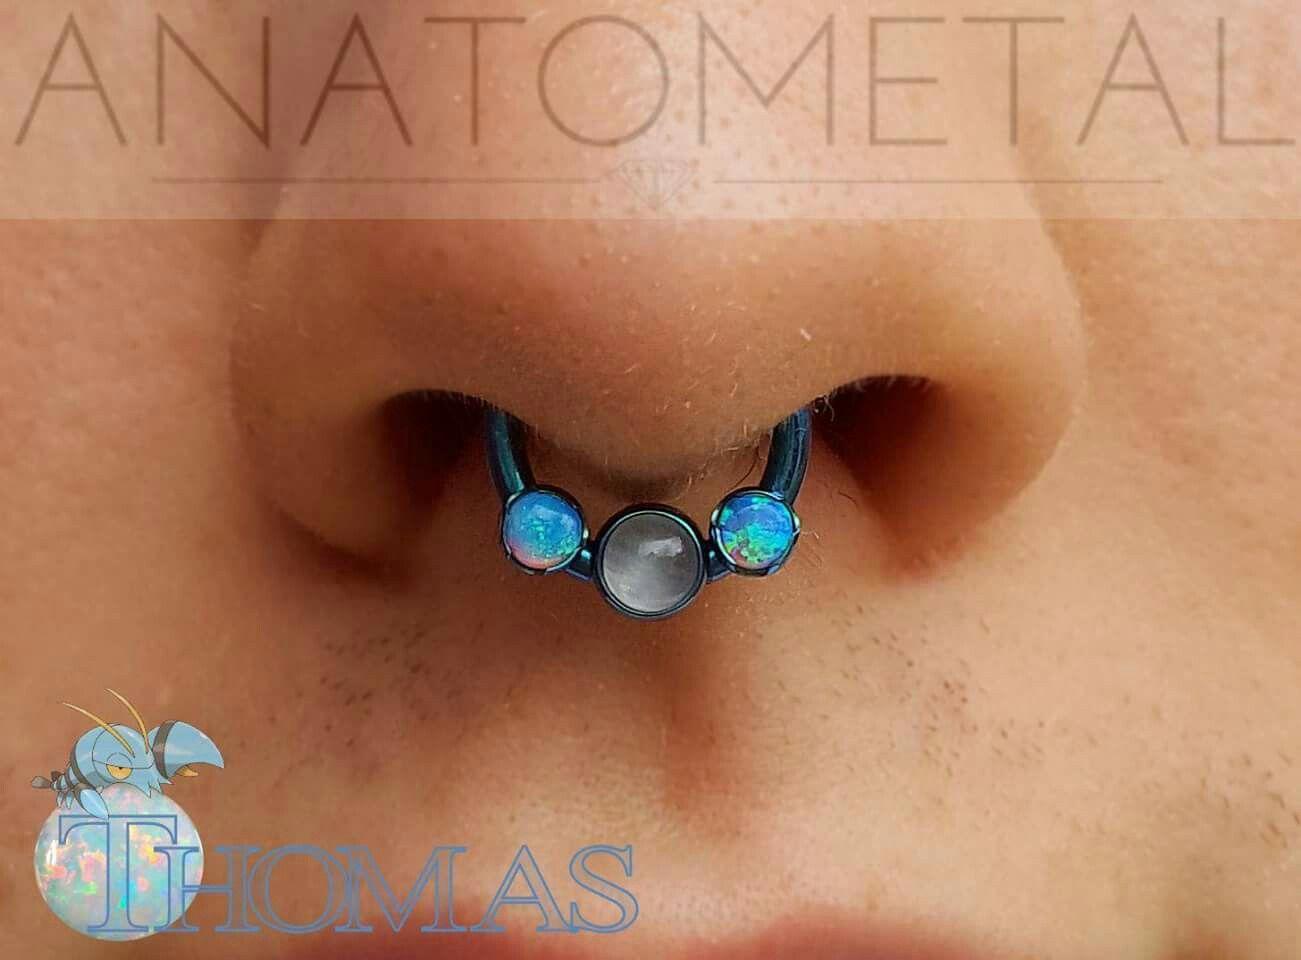 Anatometal Septum Jewelry Septum Jewelry Body Jewelry Jewelry